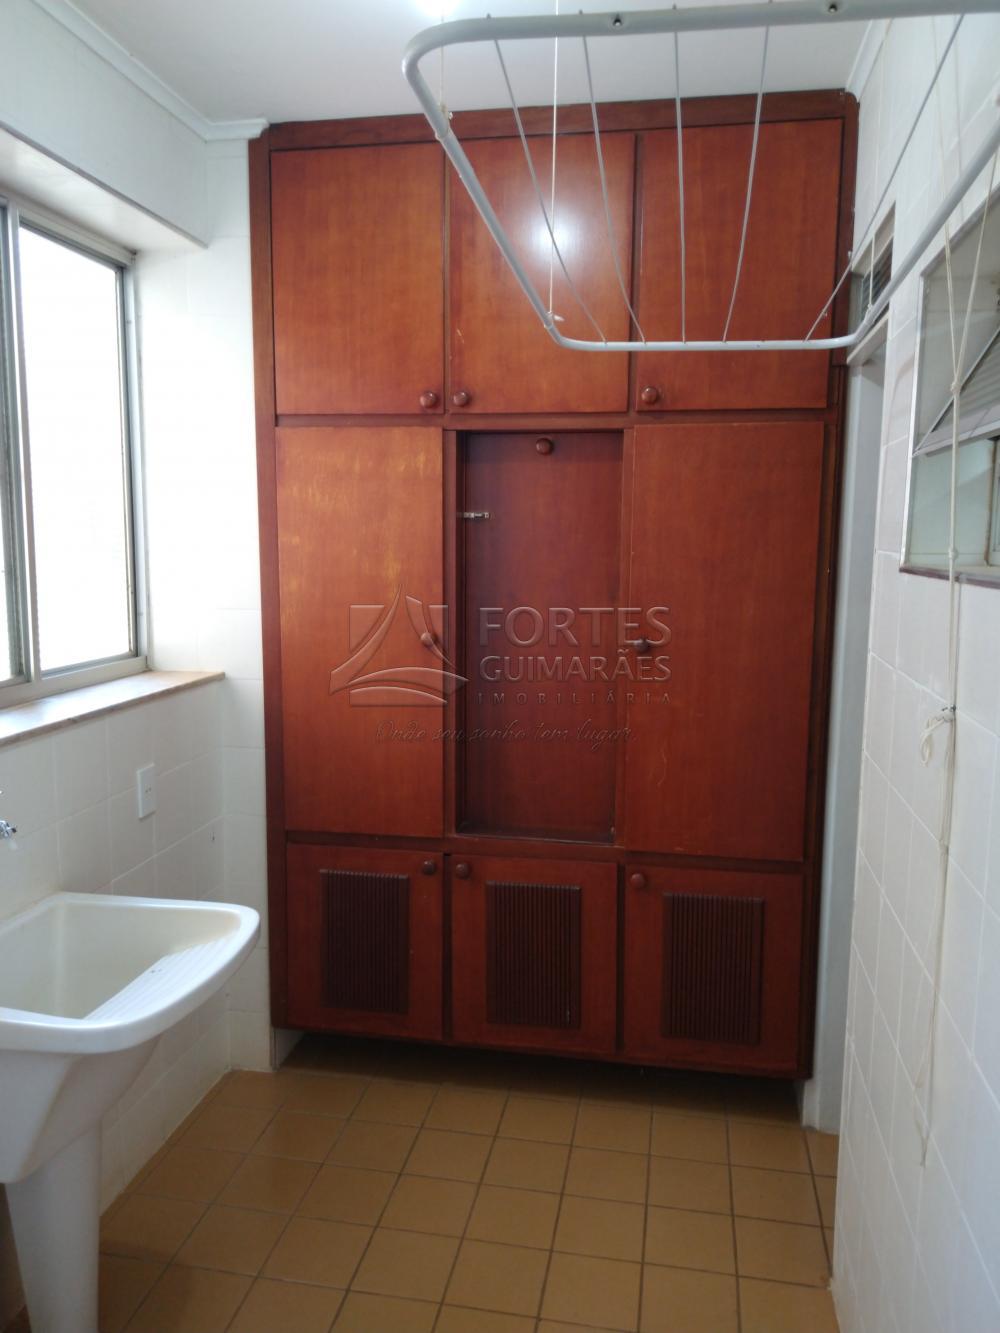 Alugar Apartamentos / Padrão em Ribeirão Preto apenas R$ 1.500,00 - Foto 40